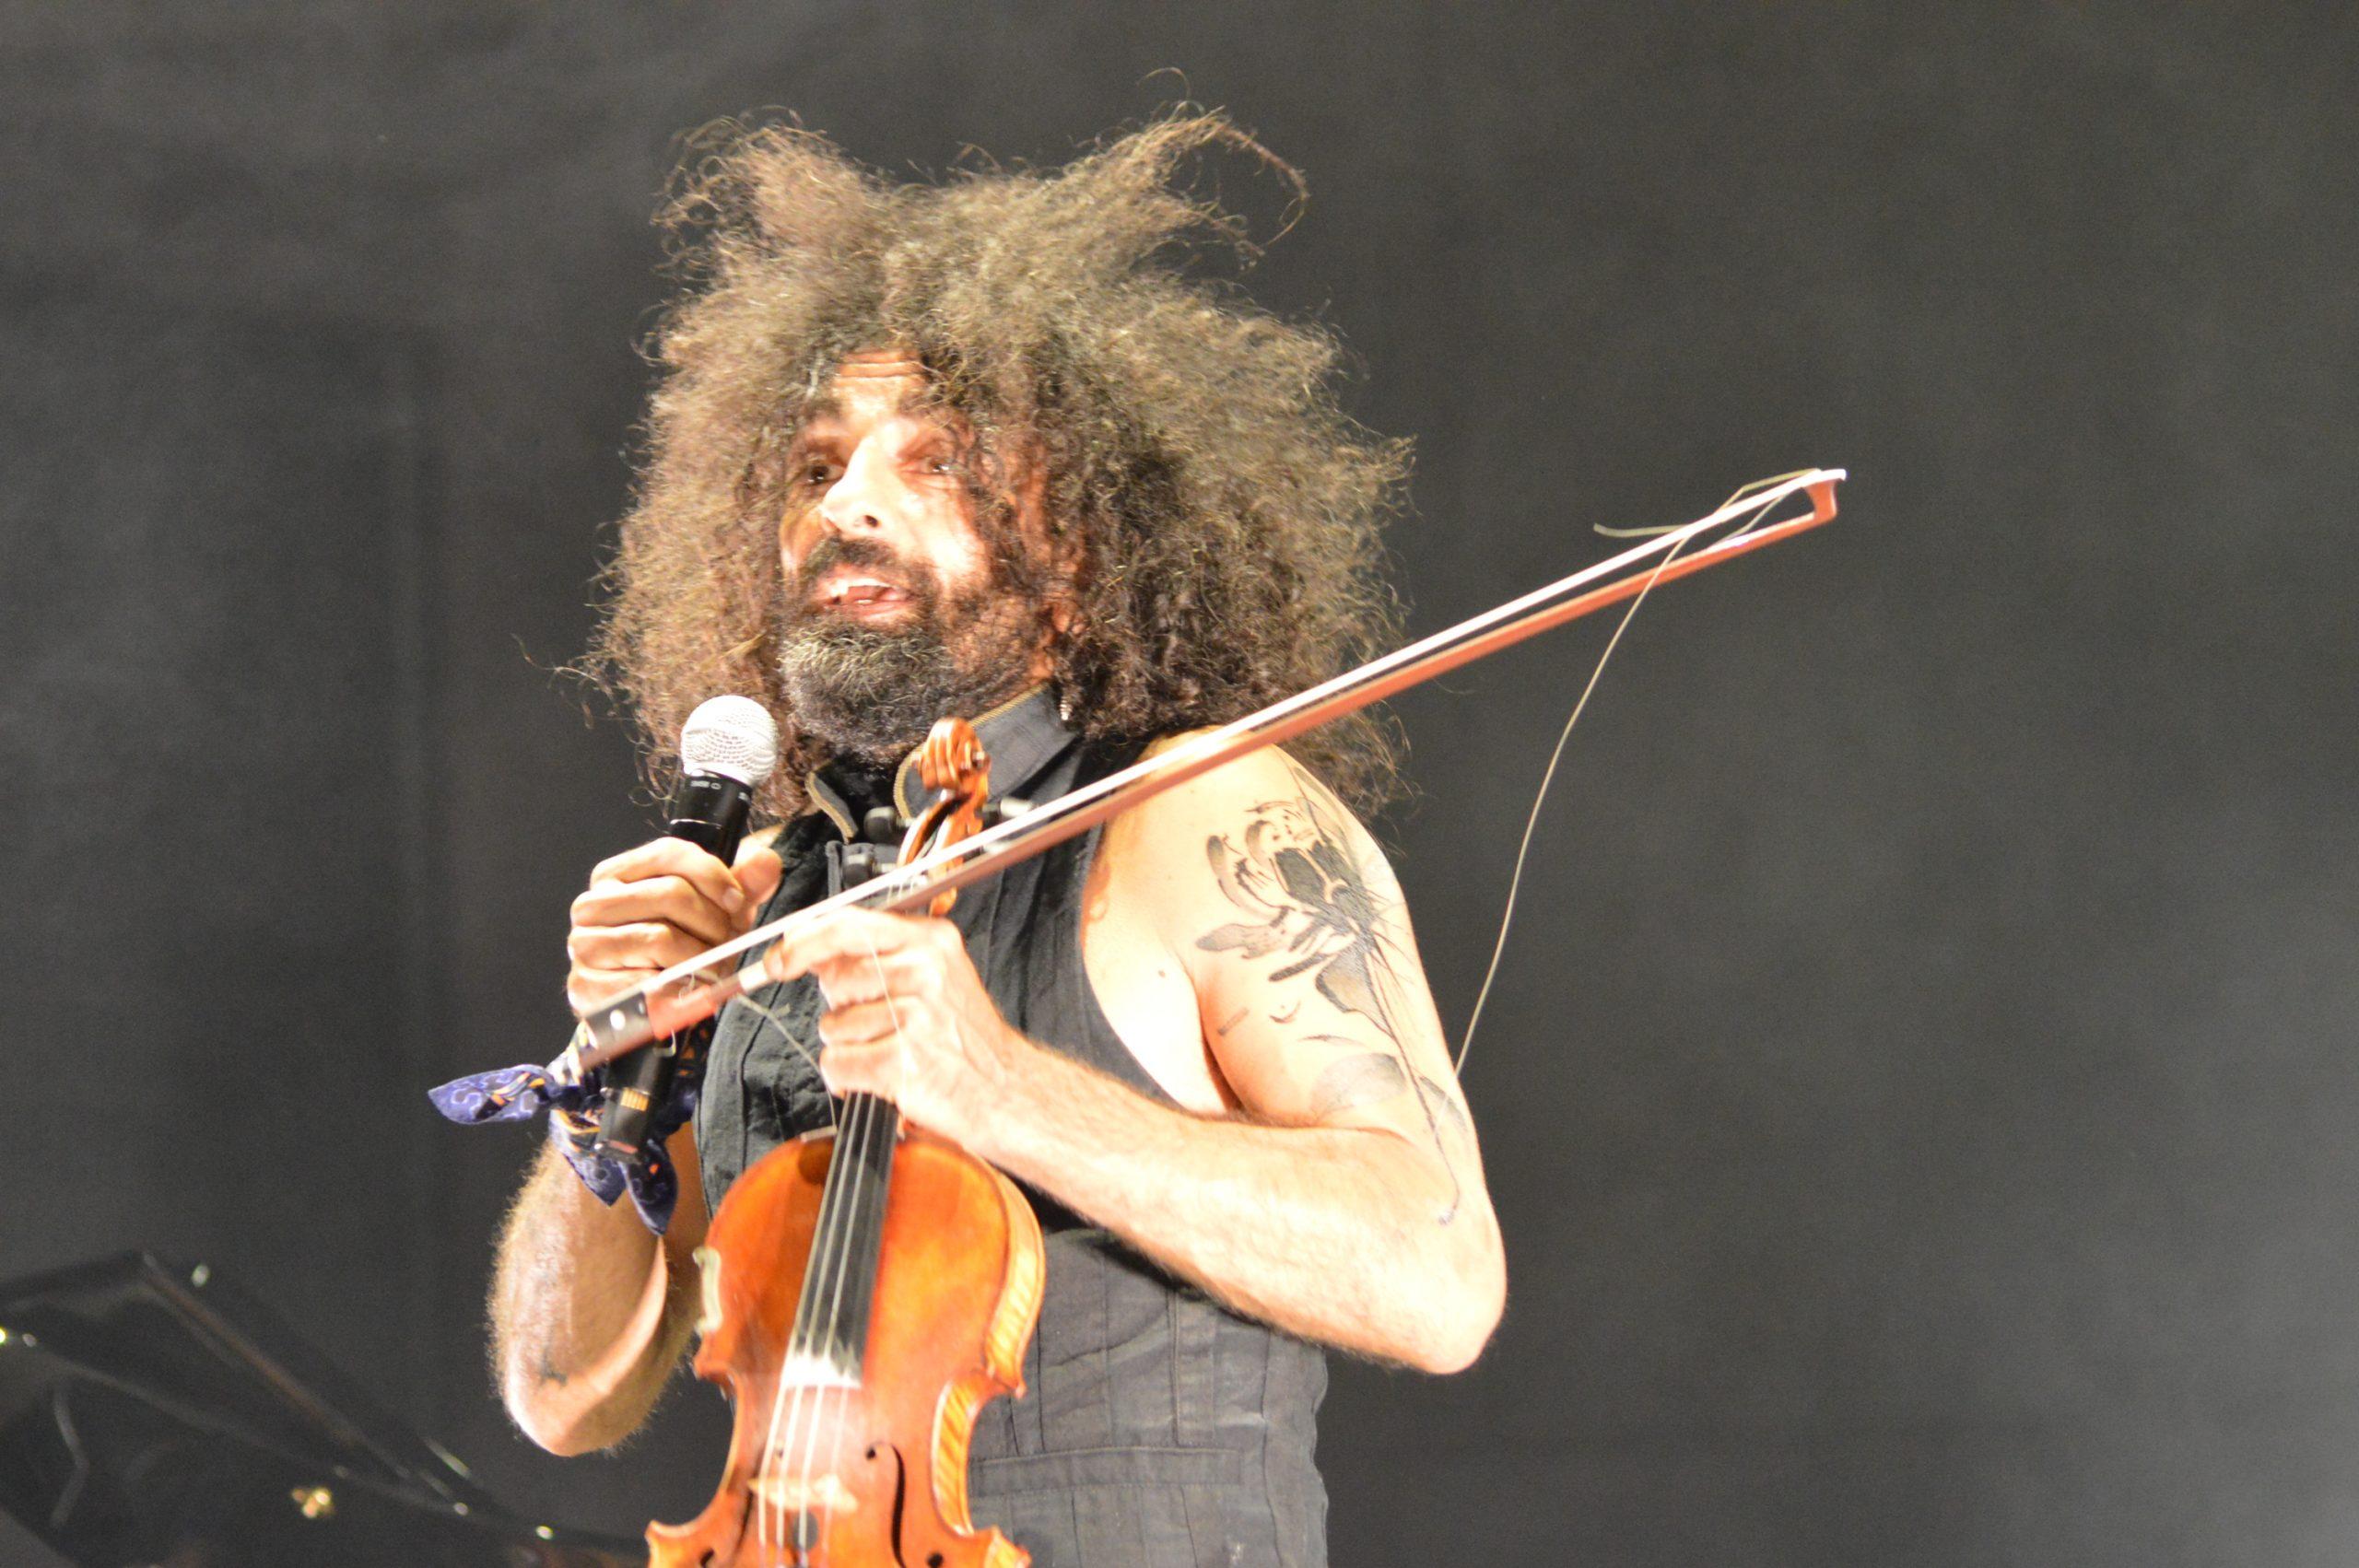 Ara Malikian emociona en su regreso a Ponferrada demostrando una vez más su virtuosismo con el violín 15